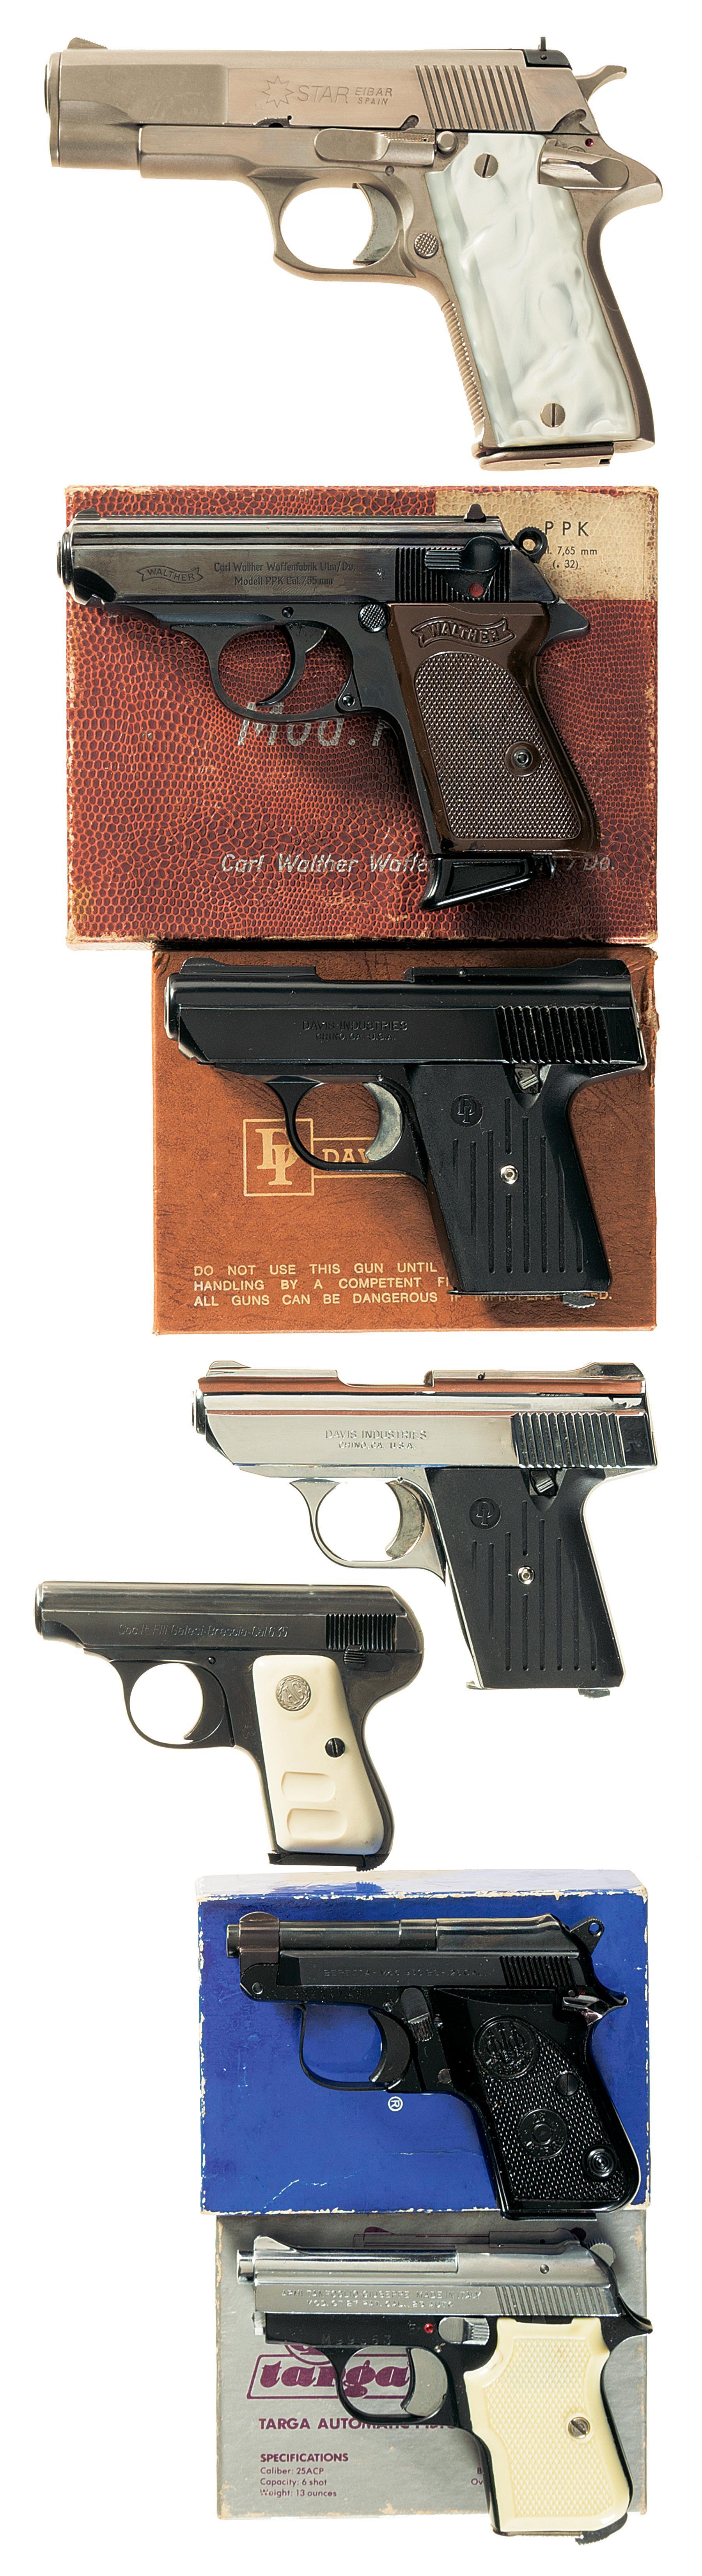 Seven Semi-Automatic Pistols